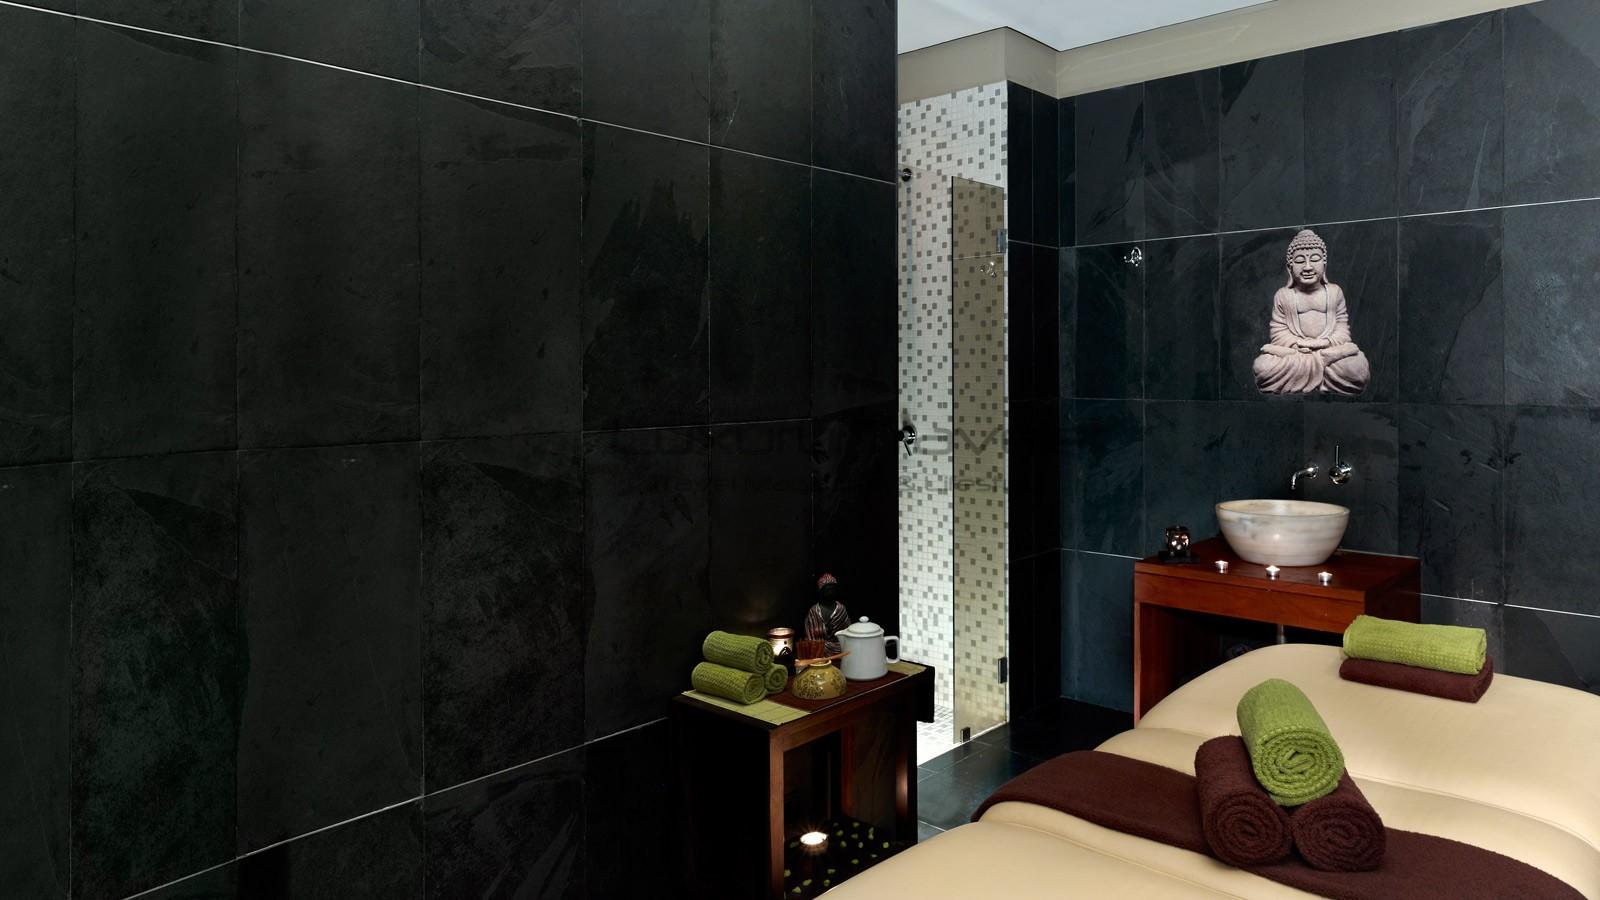 Convento_Espinheiro_Hotel_Evora_Starwood_Luxury_DianaSpa